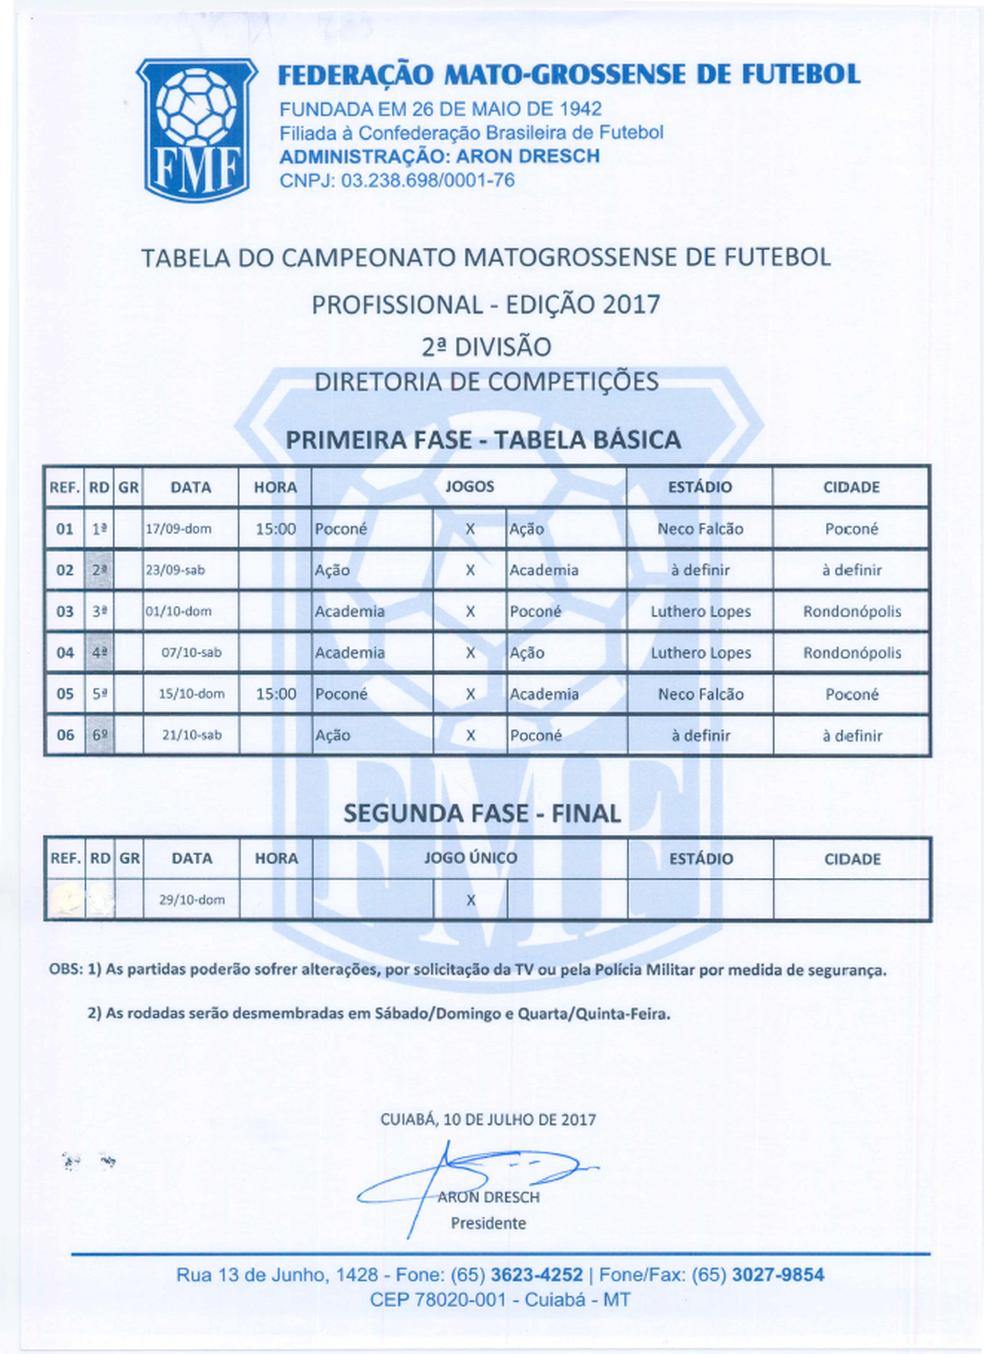 Tabela completa da 2ª divisão do Mato-Grossense 2017 (Foto: Assessoria/FMF)